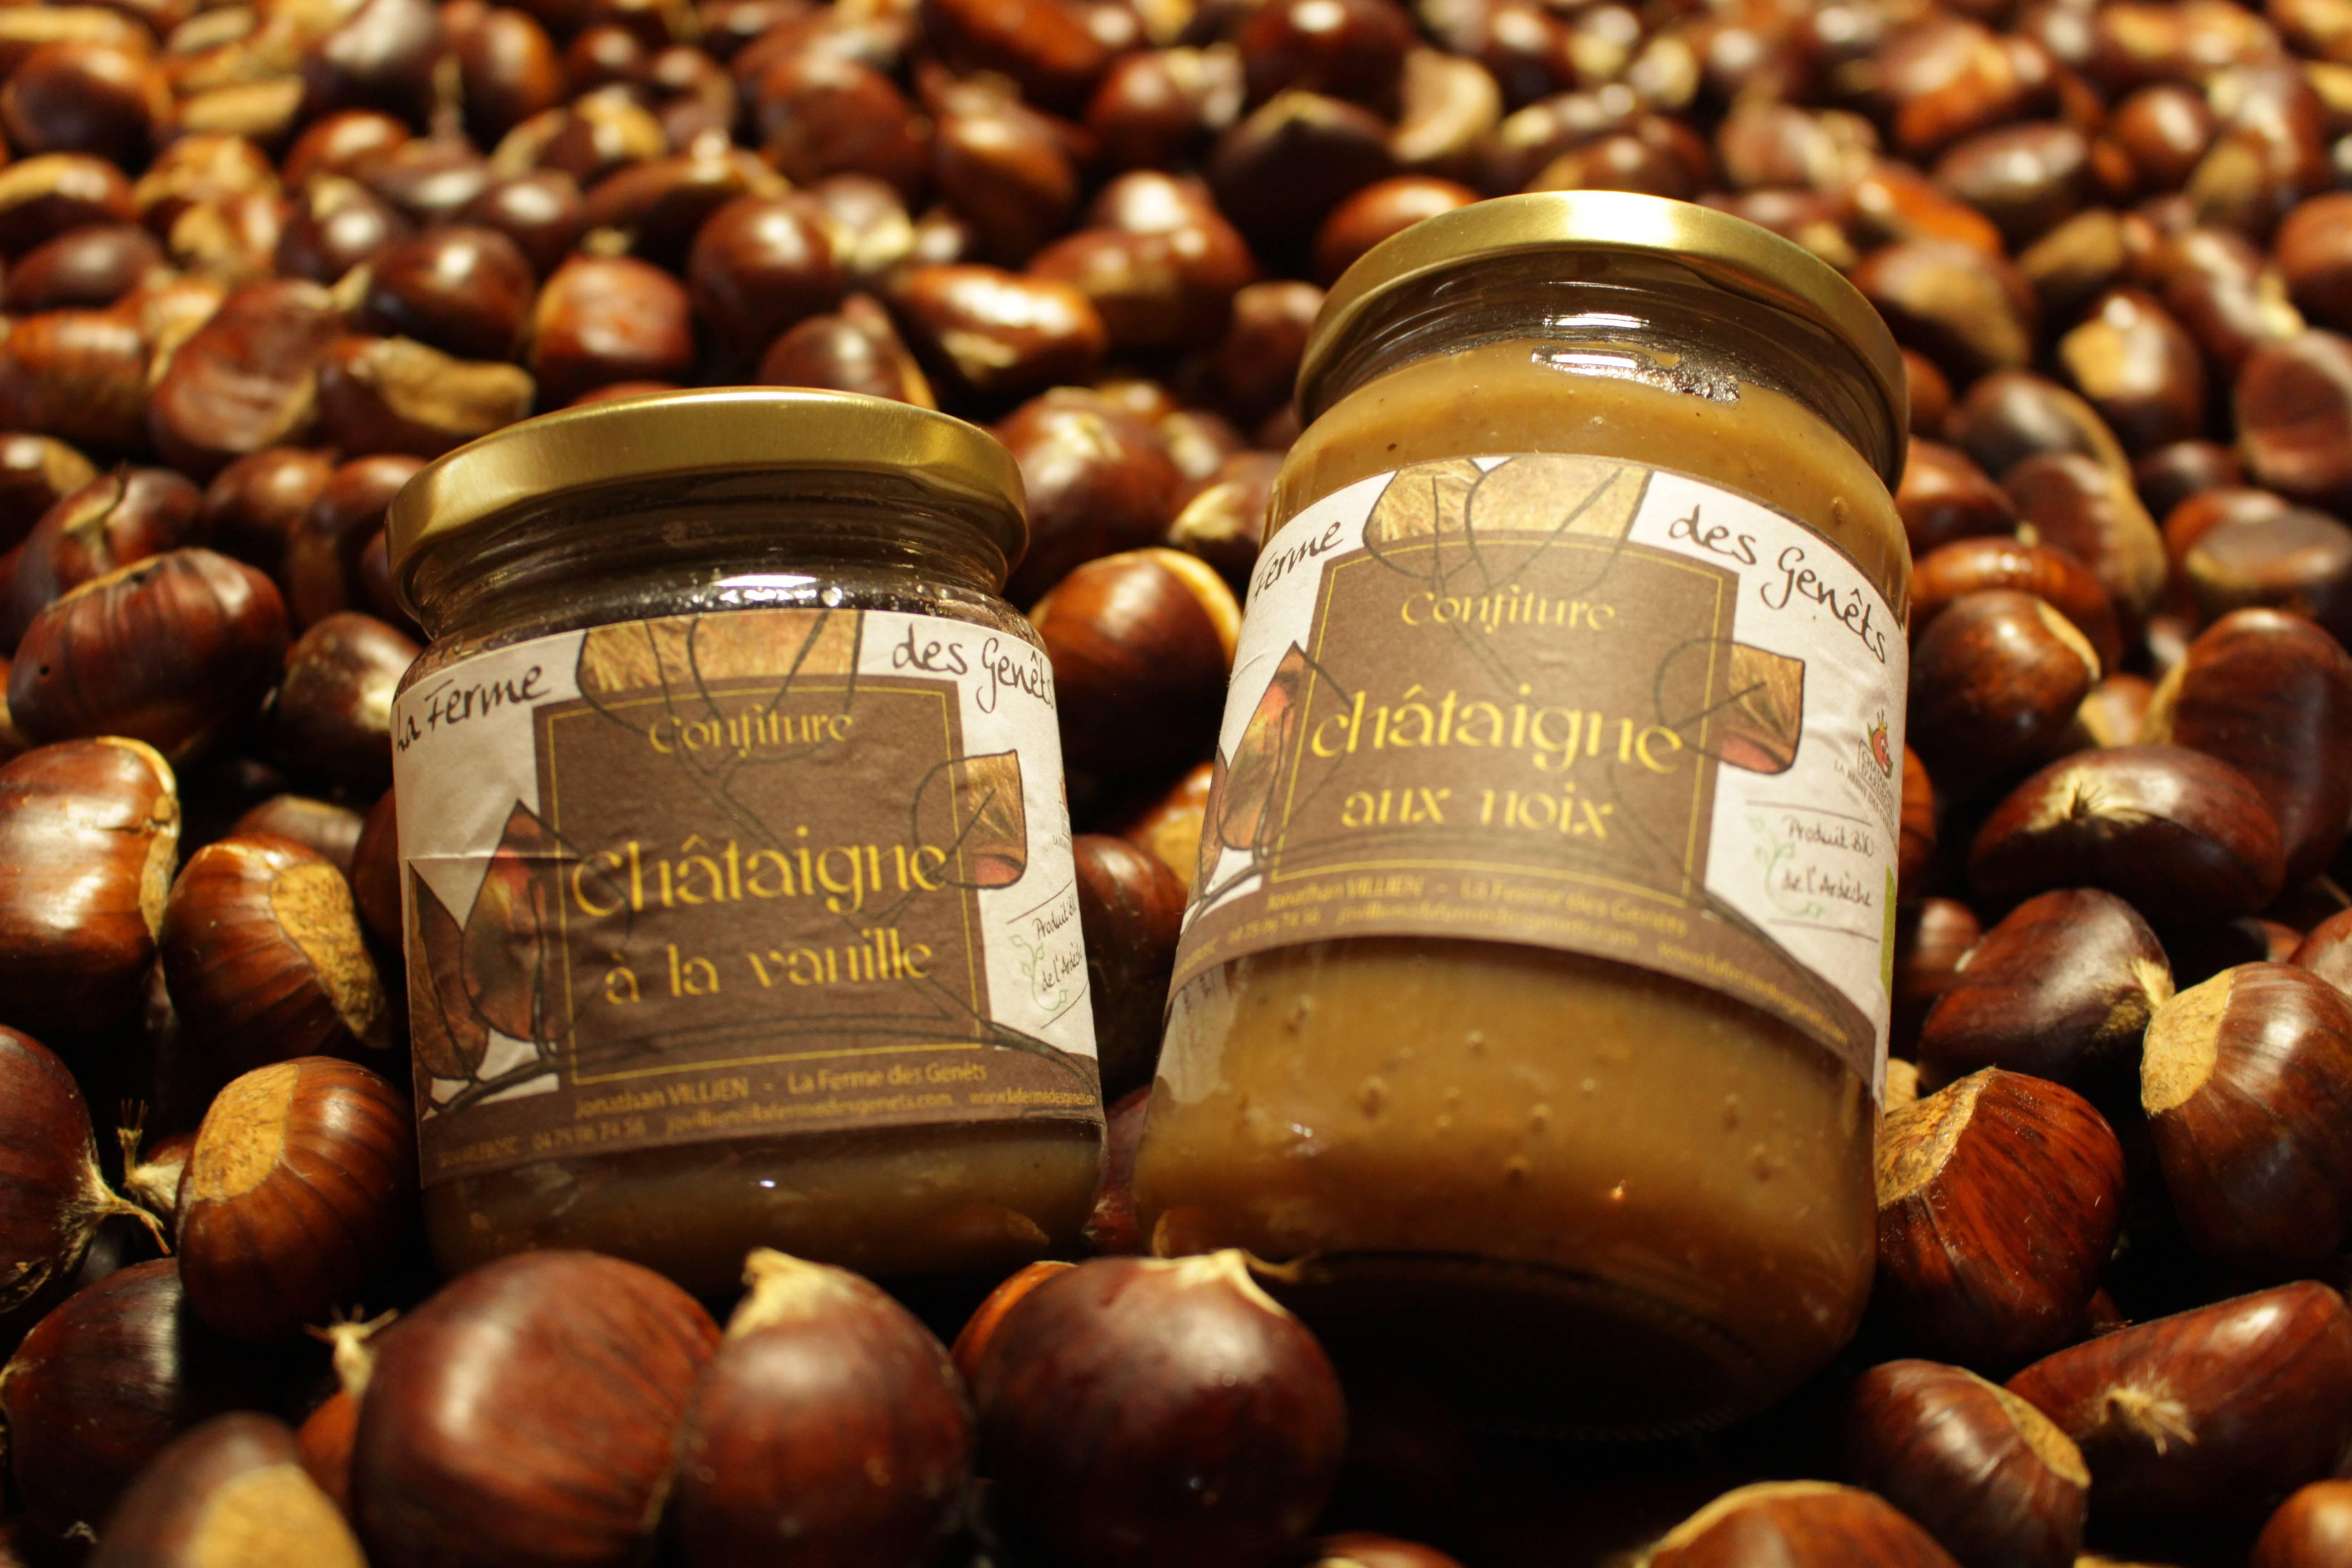 Créme de marron bio made in Ardèche Hermitage